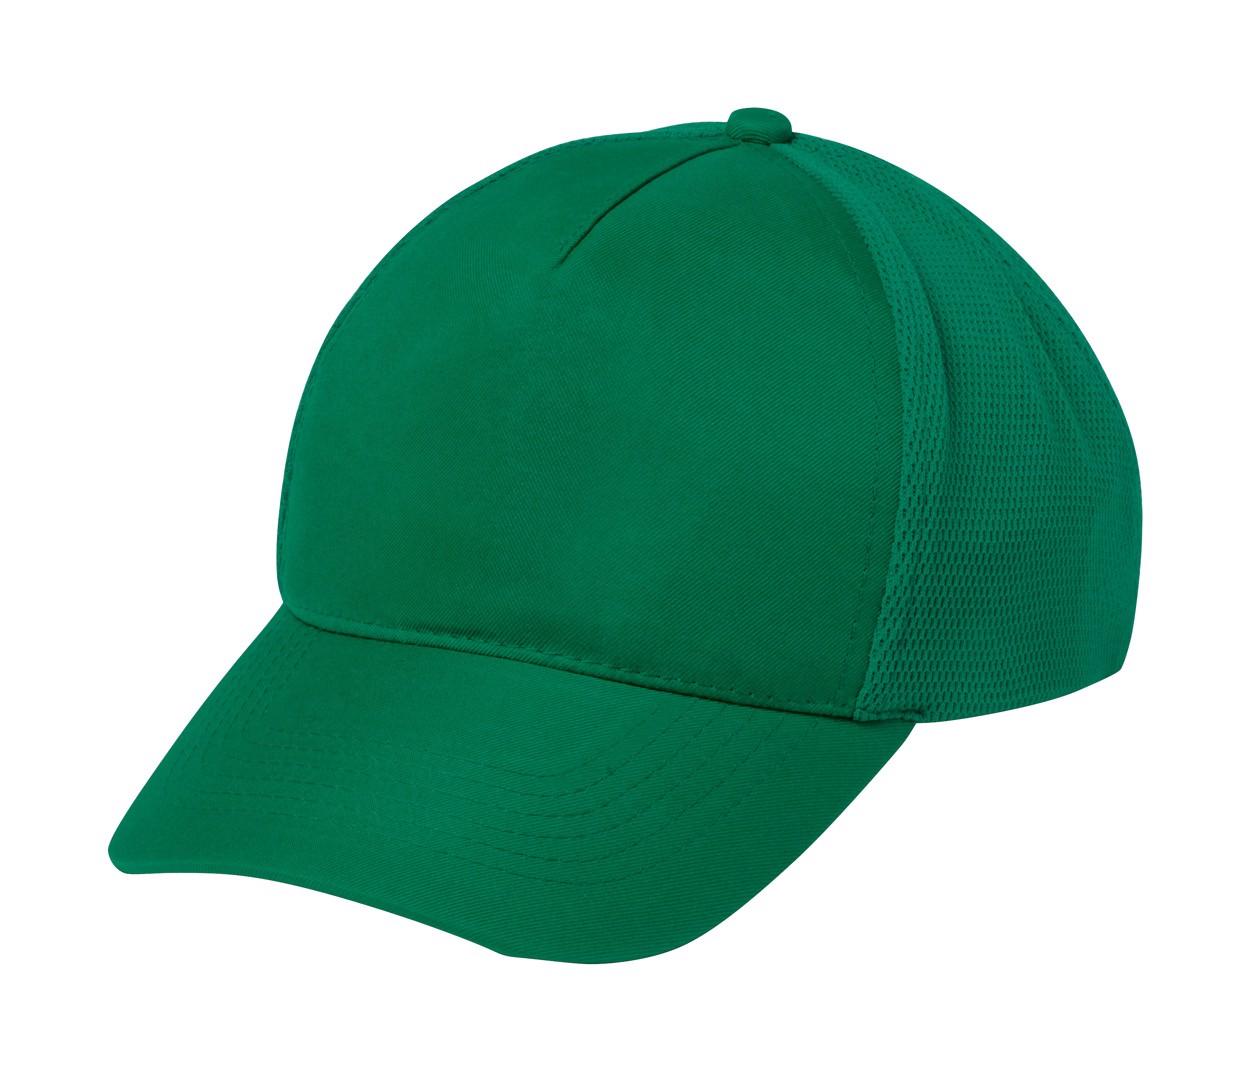 Baseballová Čepice Karif - Zelená